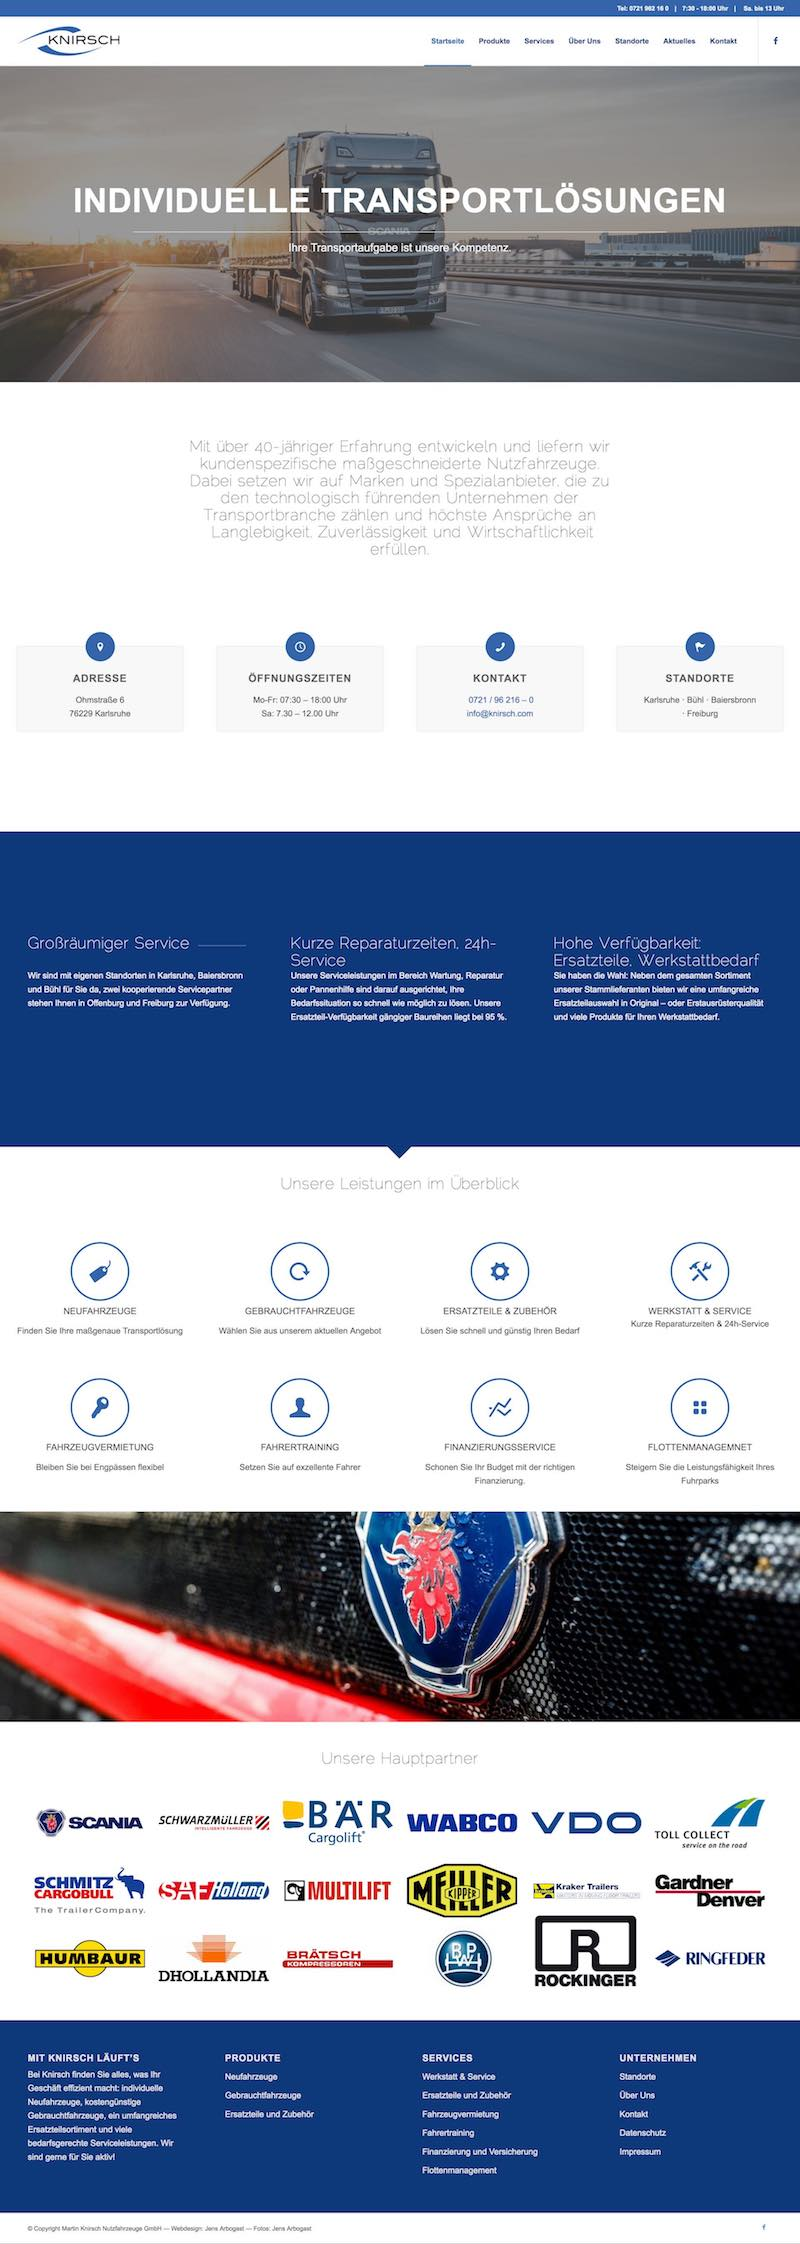 Starke Fotos und frisches Design – die neue Website für Knirsch